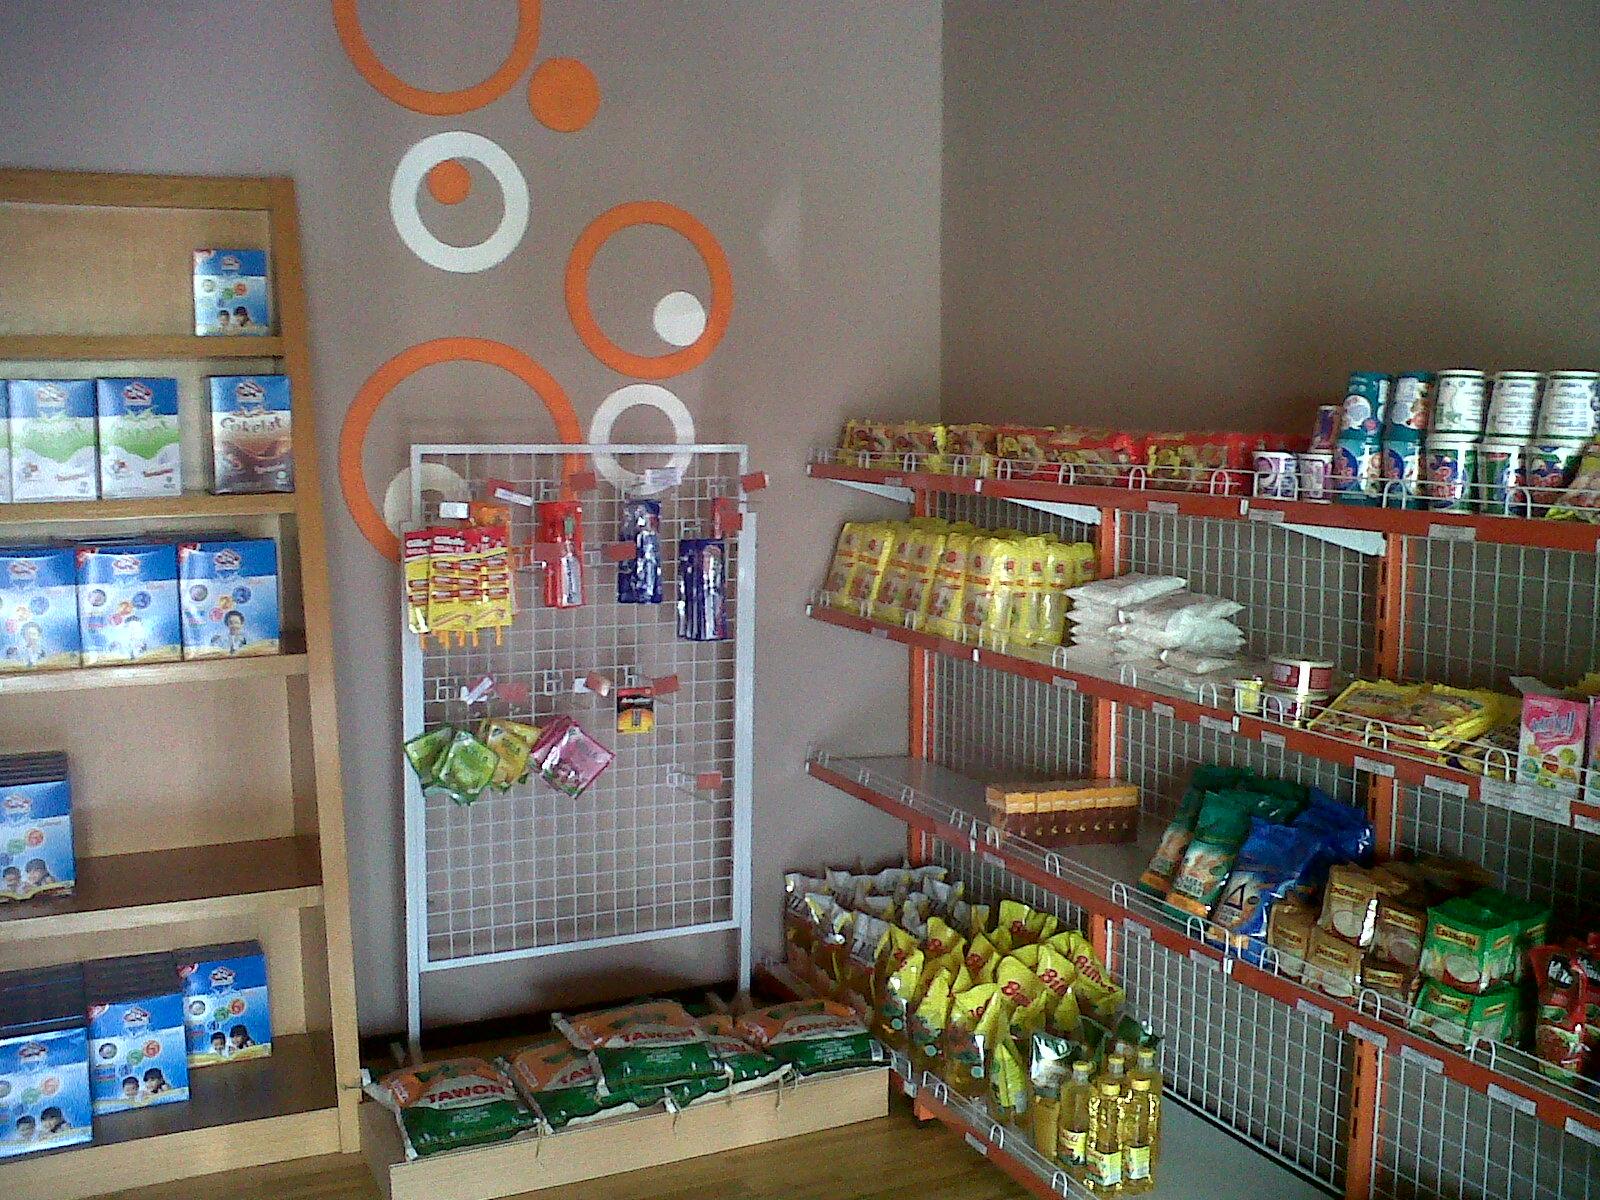 Rak Supermarket Minimarket Toko Swalayan Gondola Pabrik